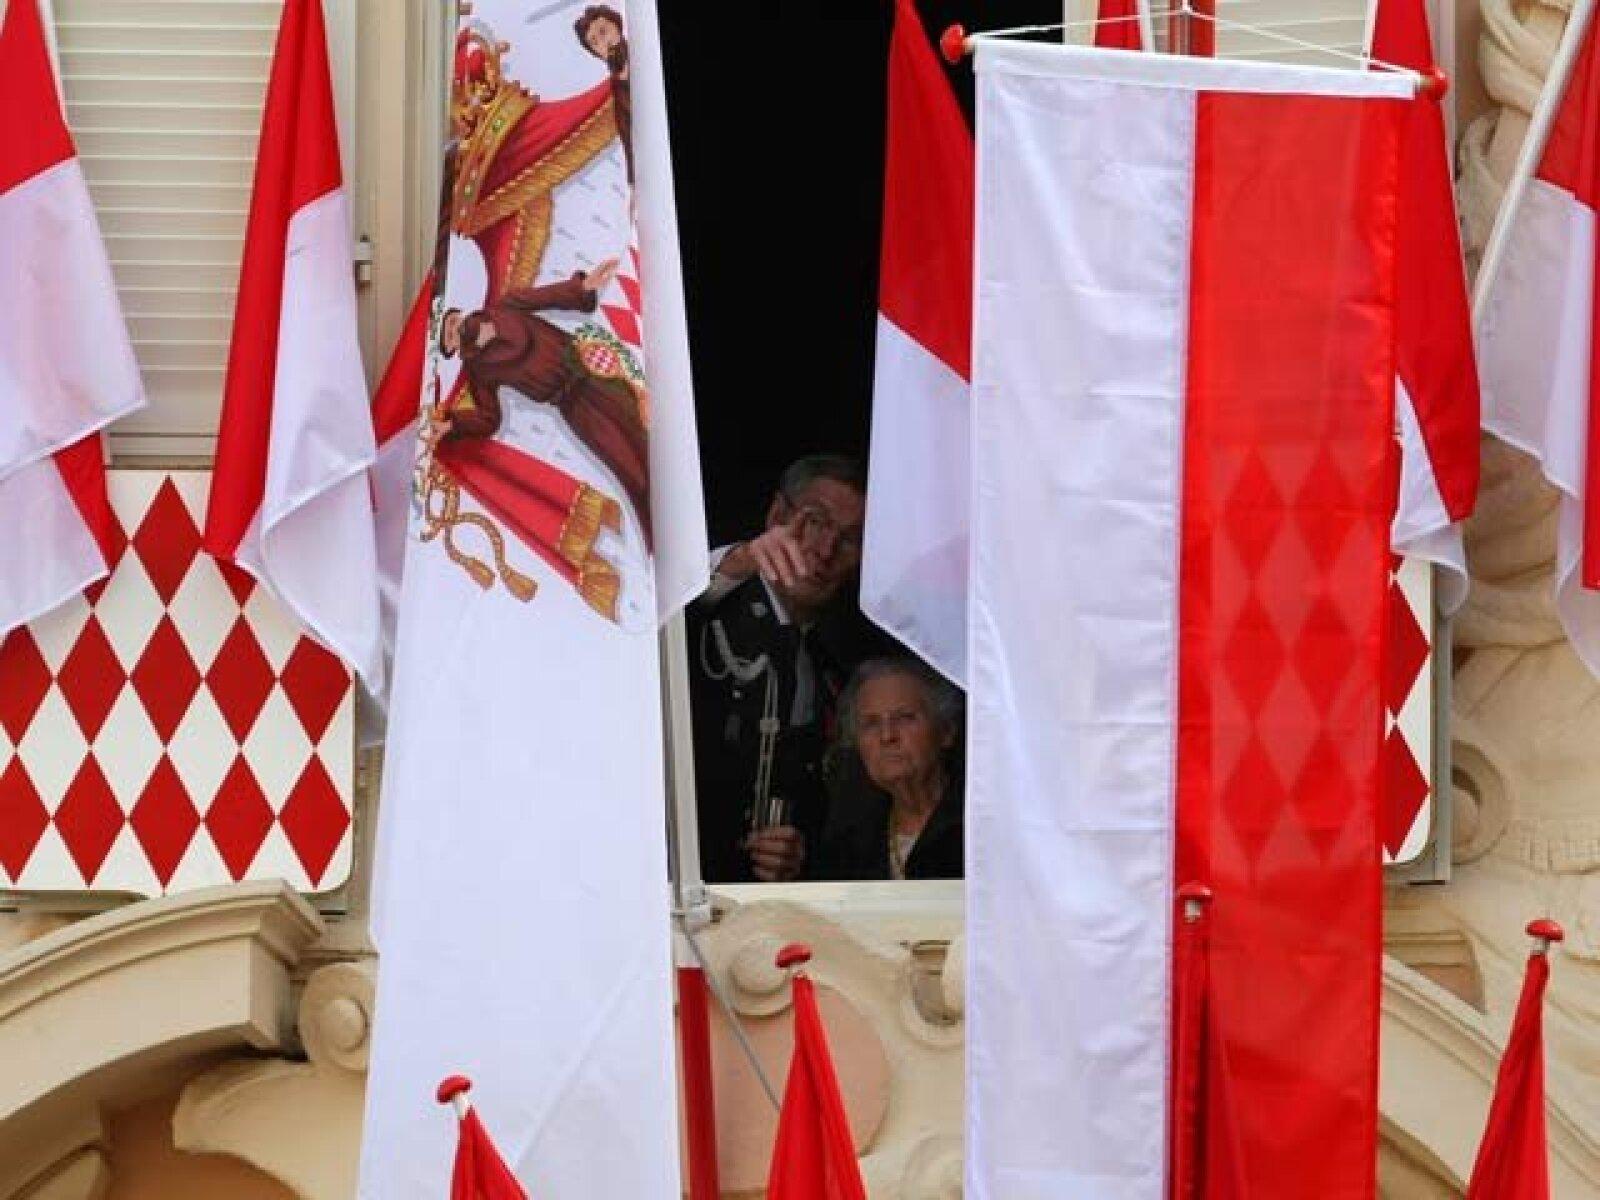 Los ciudadanos miran la ceremonia.